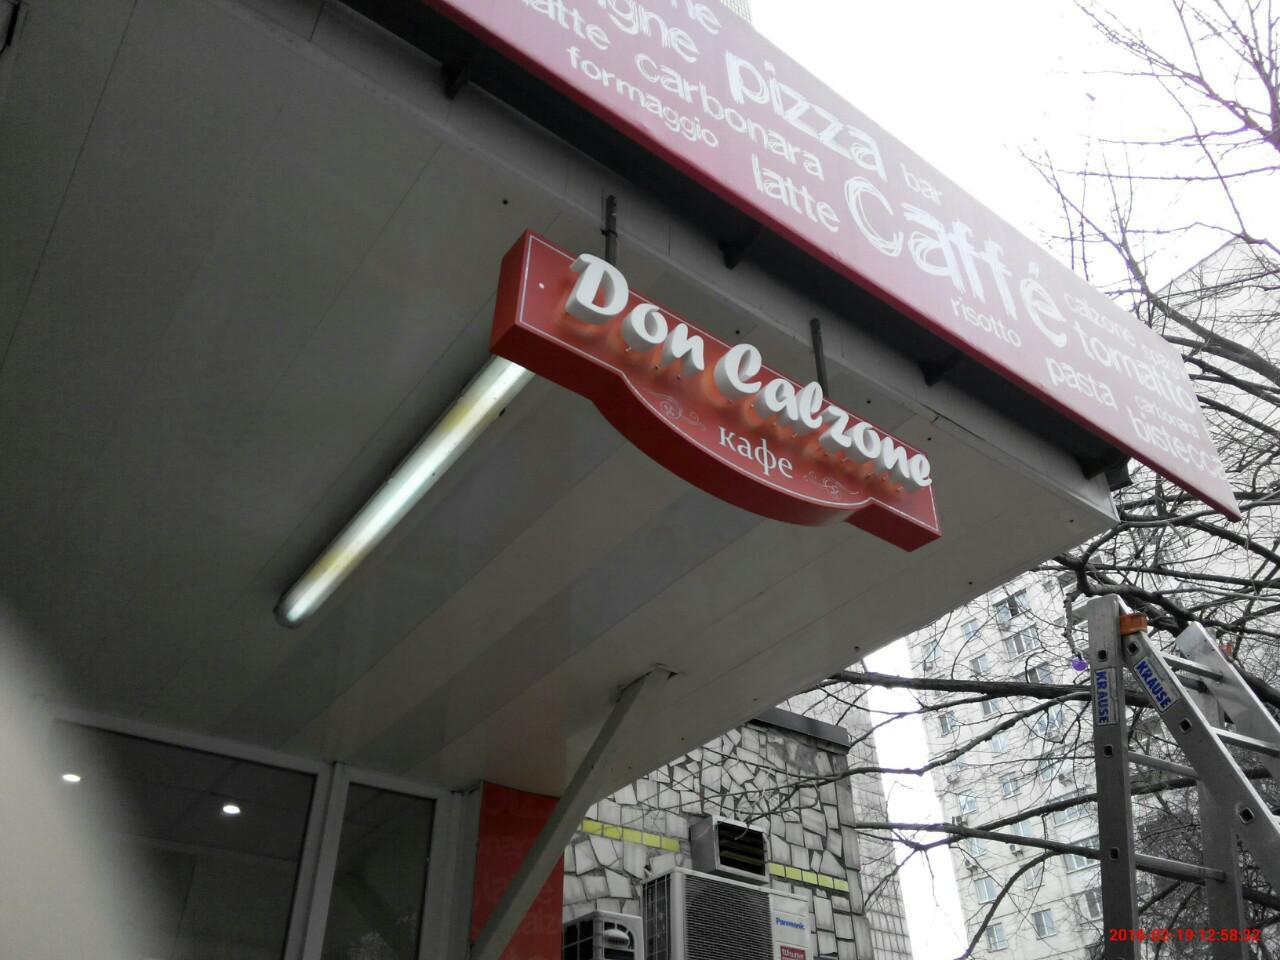 Вывеска для кафе Don Calzone